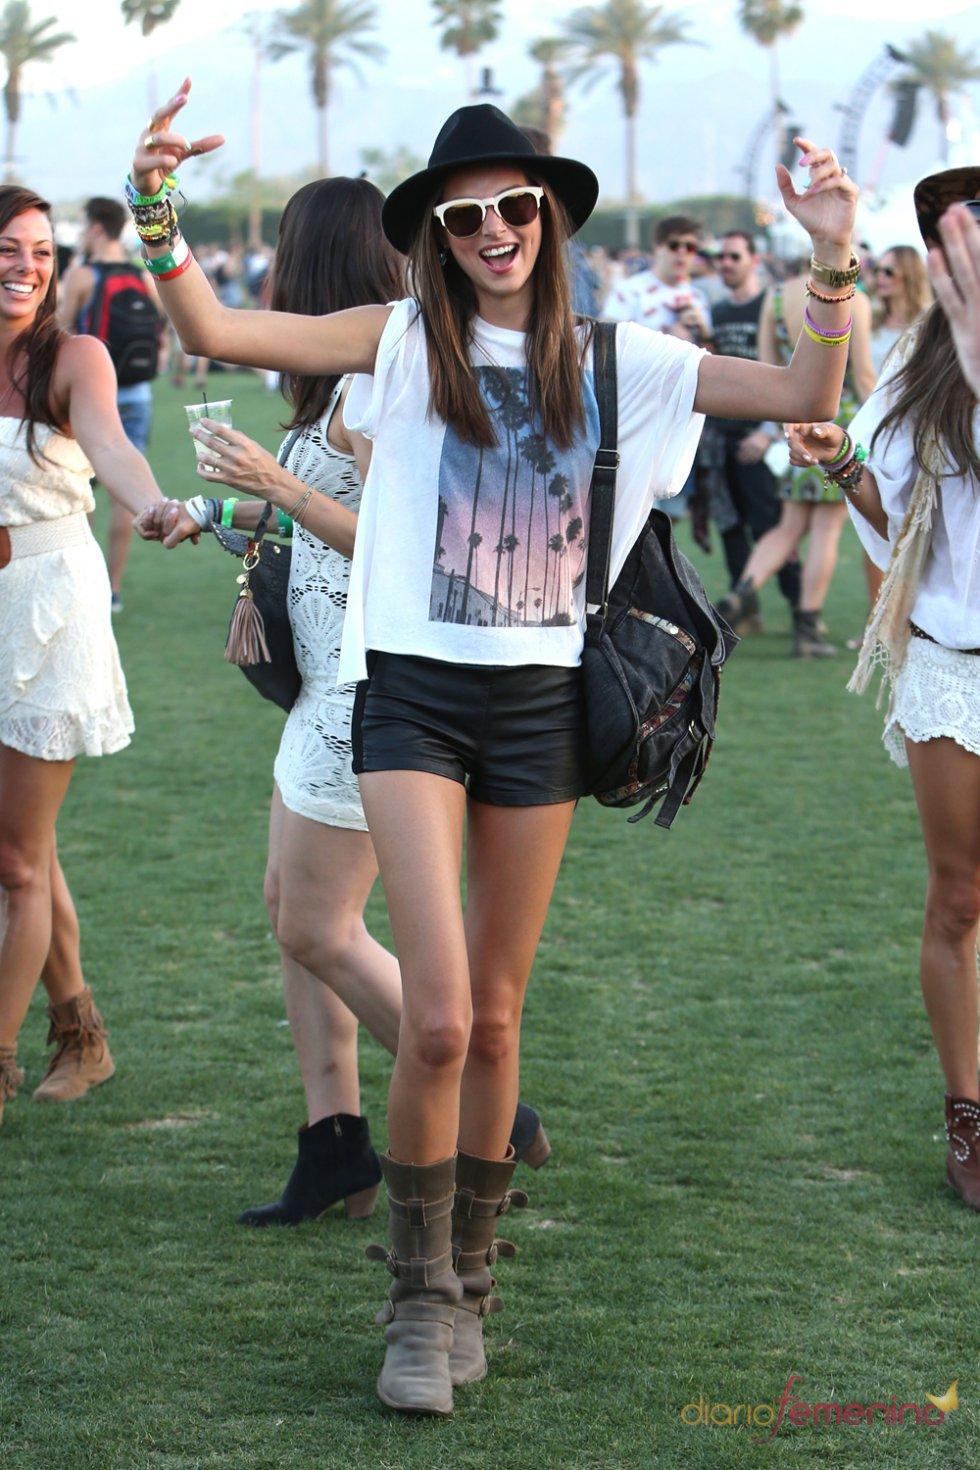 Miranda Kerr descansa de las pasarelas en el Festival Coachella 2013